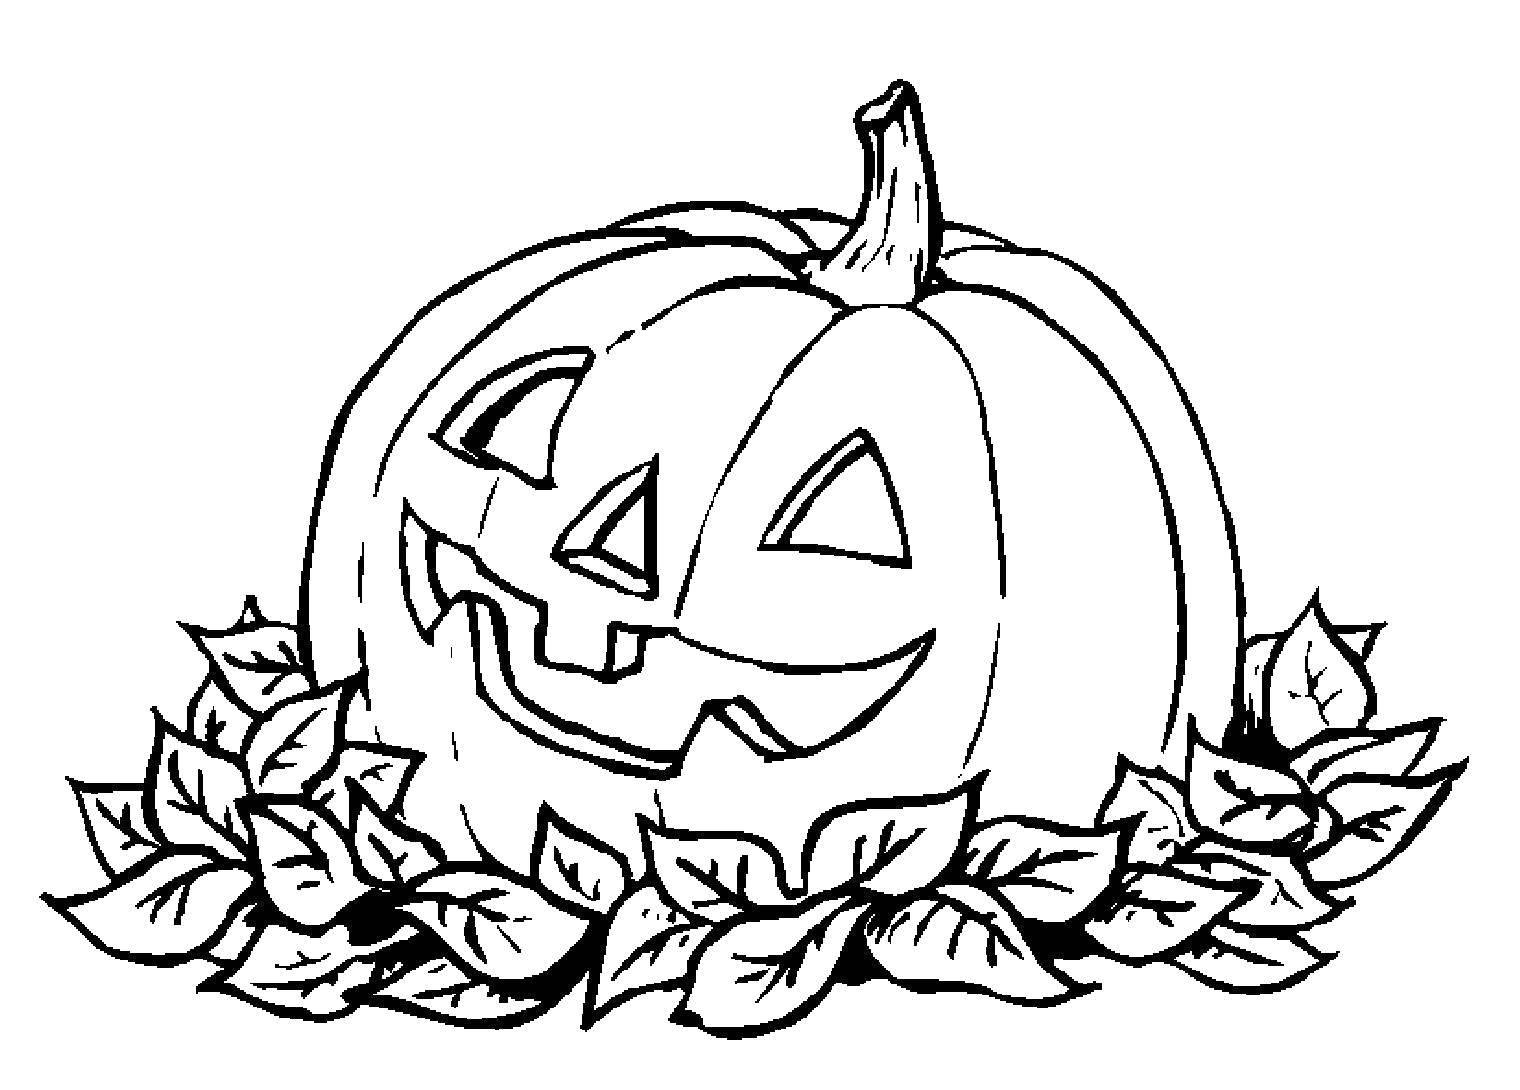 первую раскраска на распечатку с рисунком ведьмы тыквы год из-за